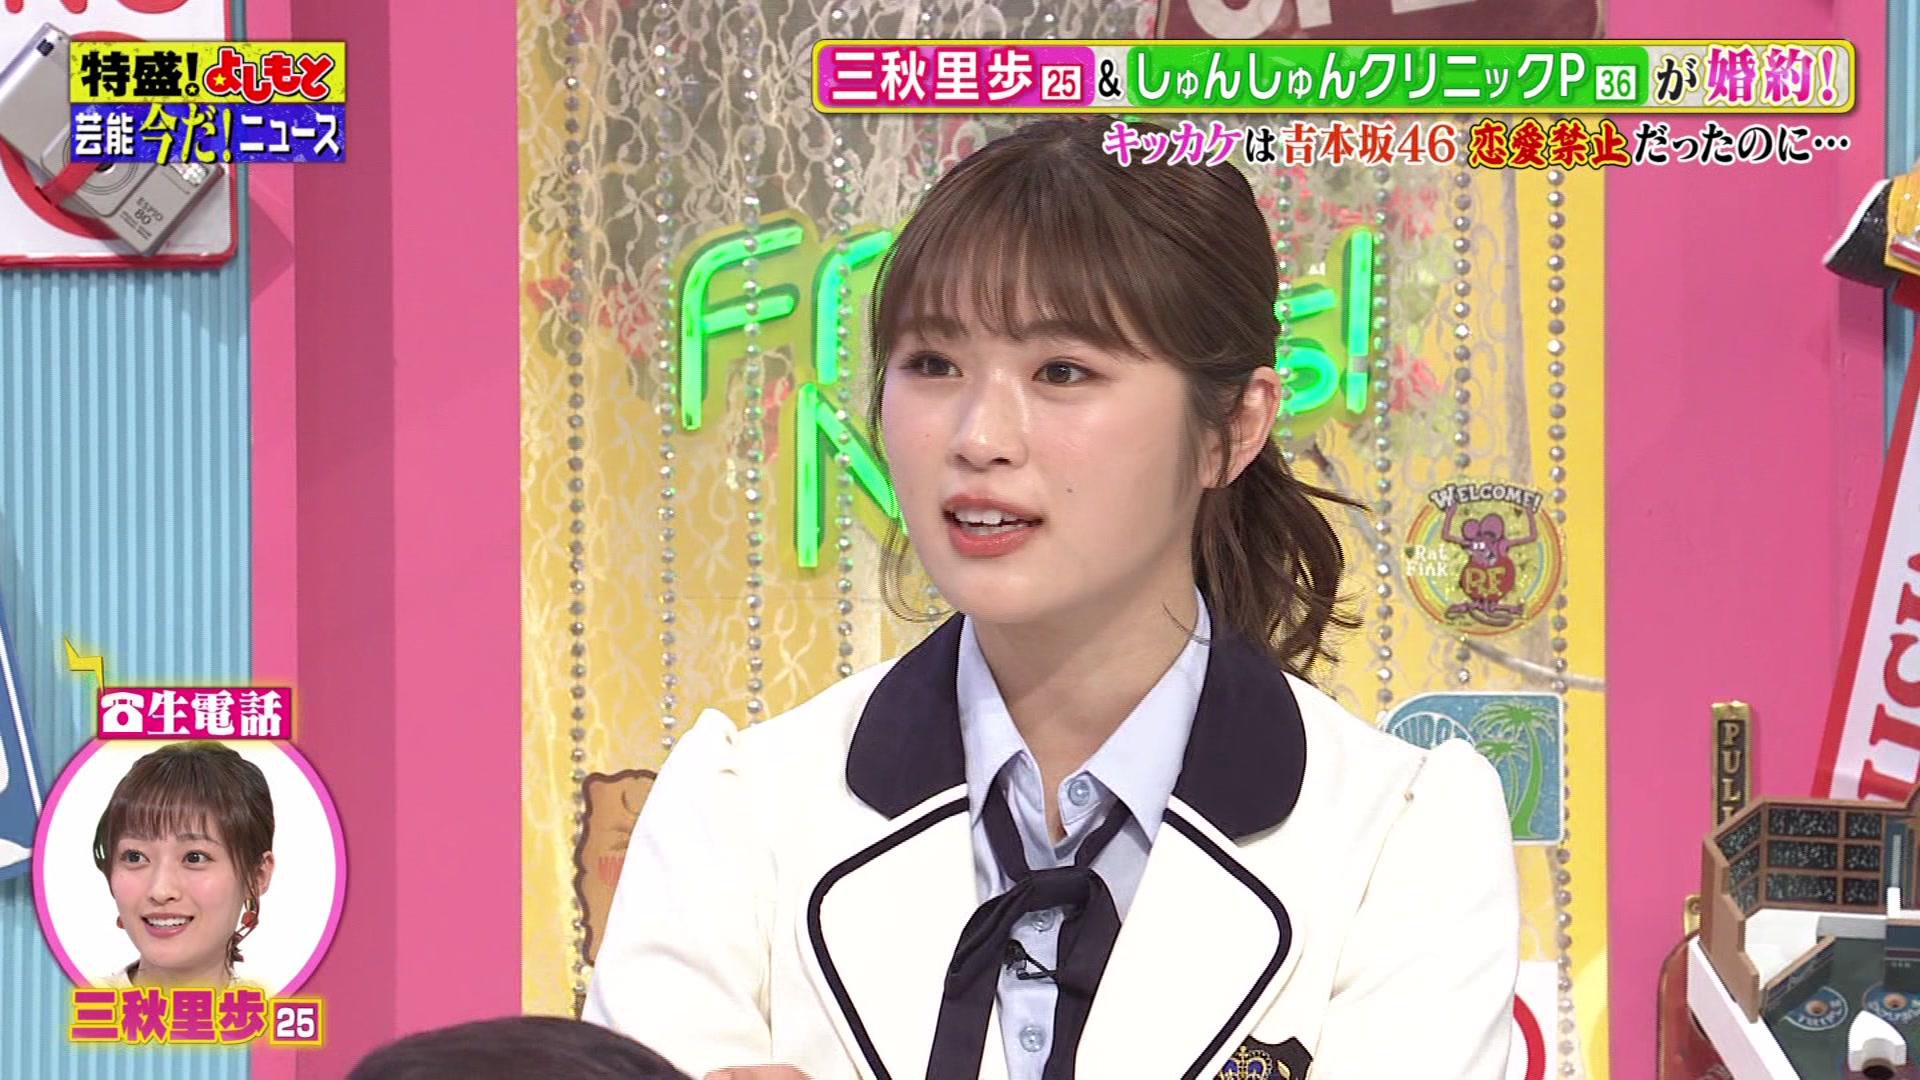 【渋谷凪咲】なぎさ出演 2020年4月11日放送「特盛!よしもと」の画像。りぽぽに生電話直撃